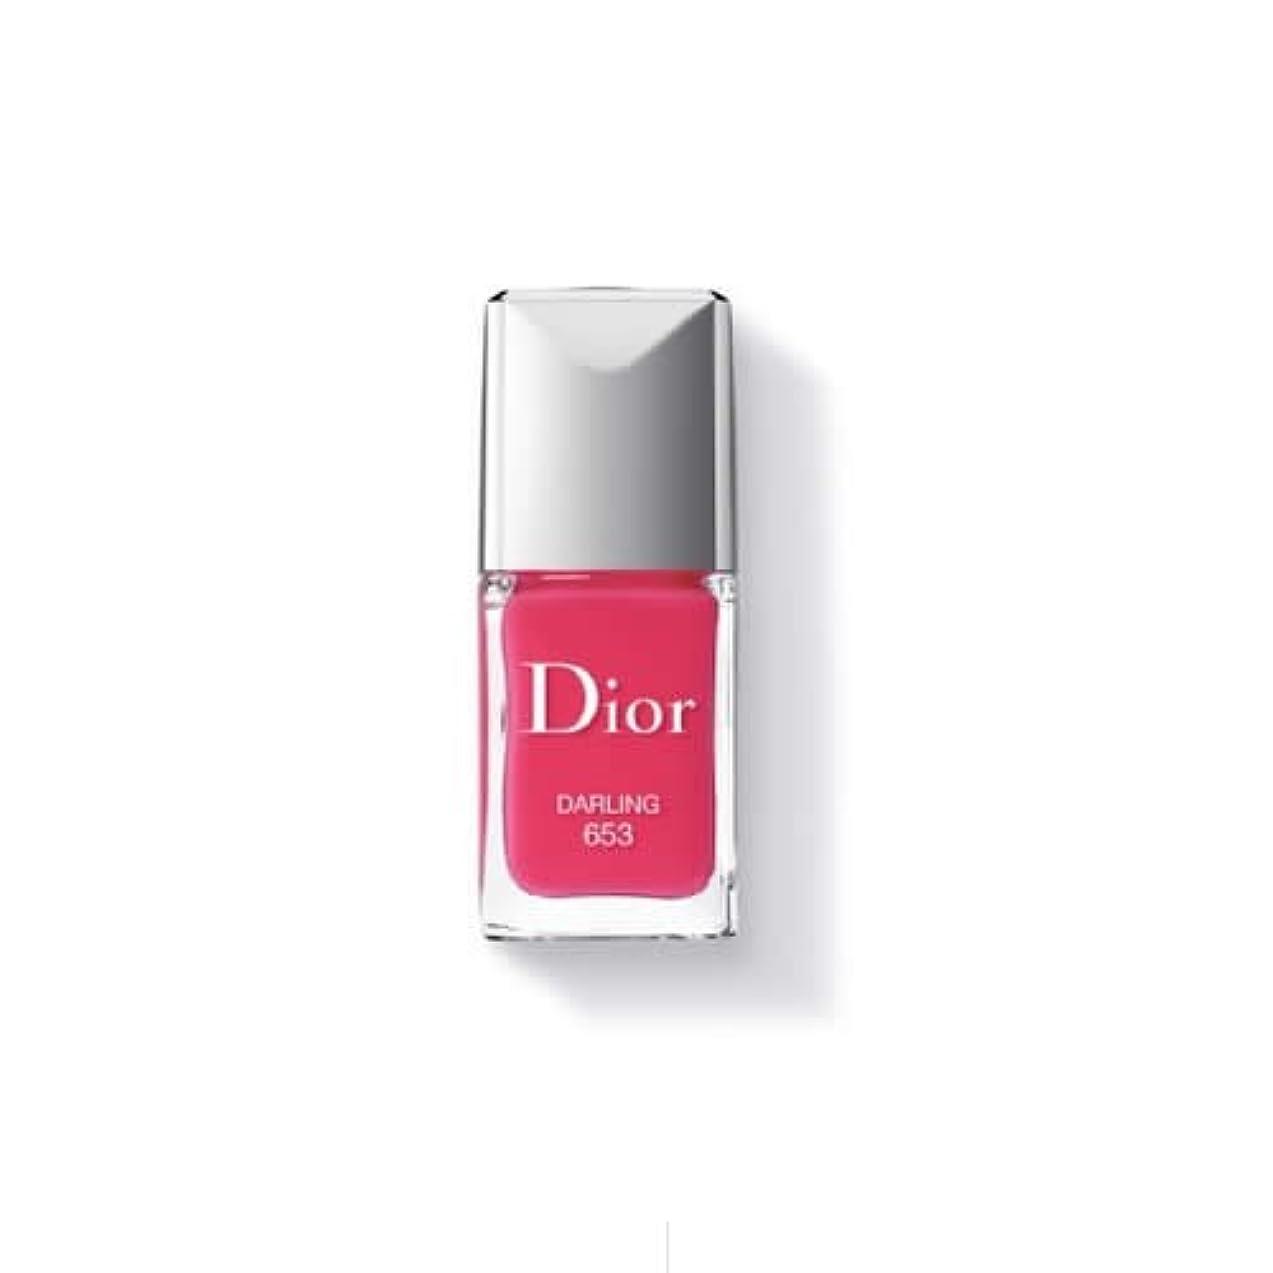 捧げる小競り合い余計なディオール ヴェルニ #653 ダーリン 10ml クリスチャン ディオール Christian Dior 訳あり